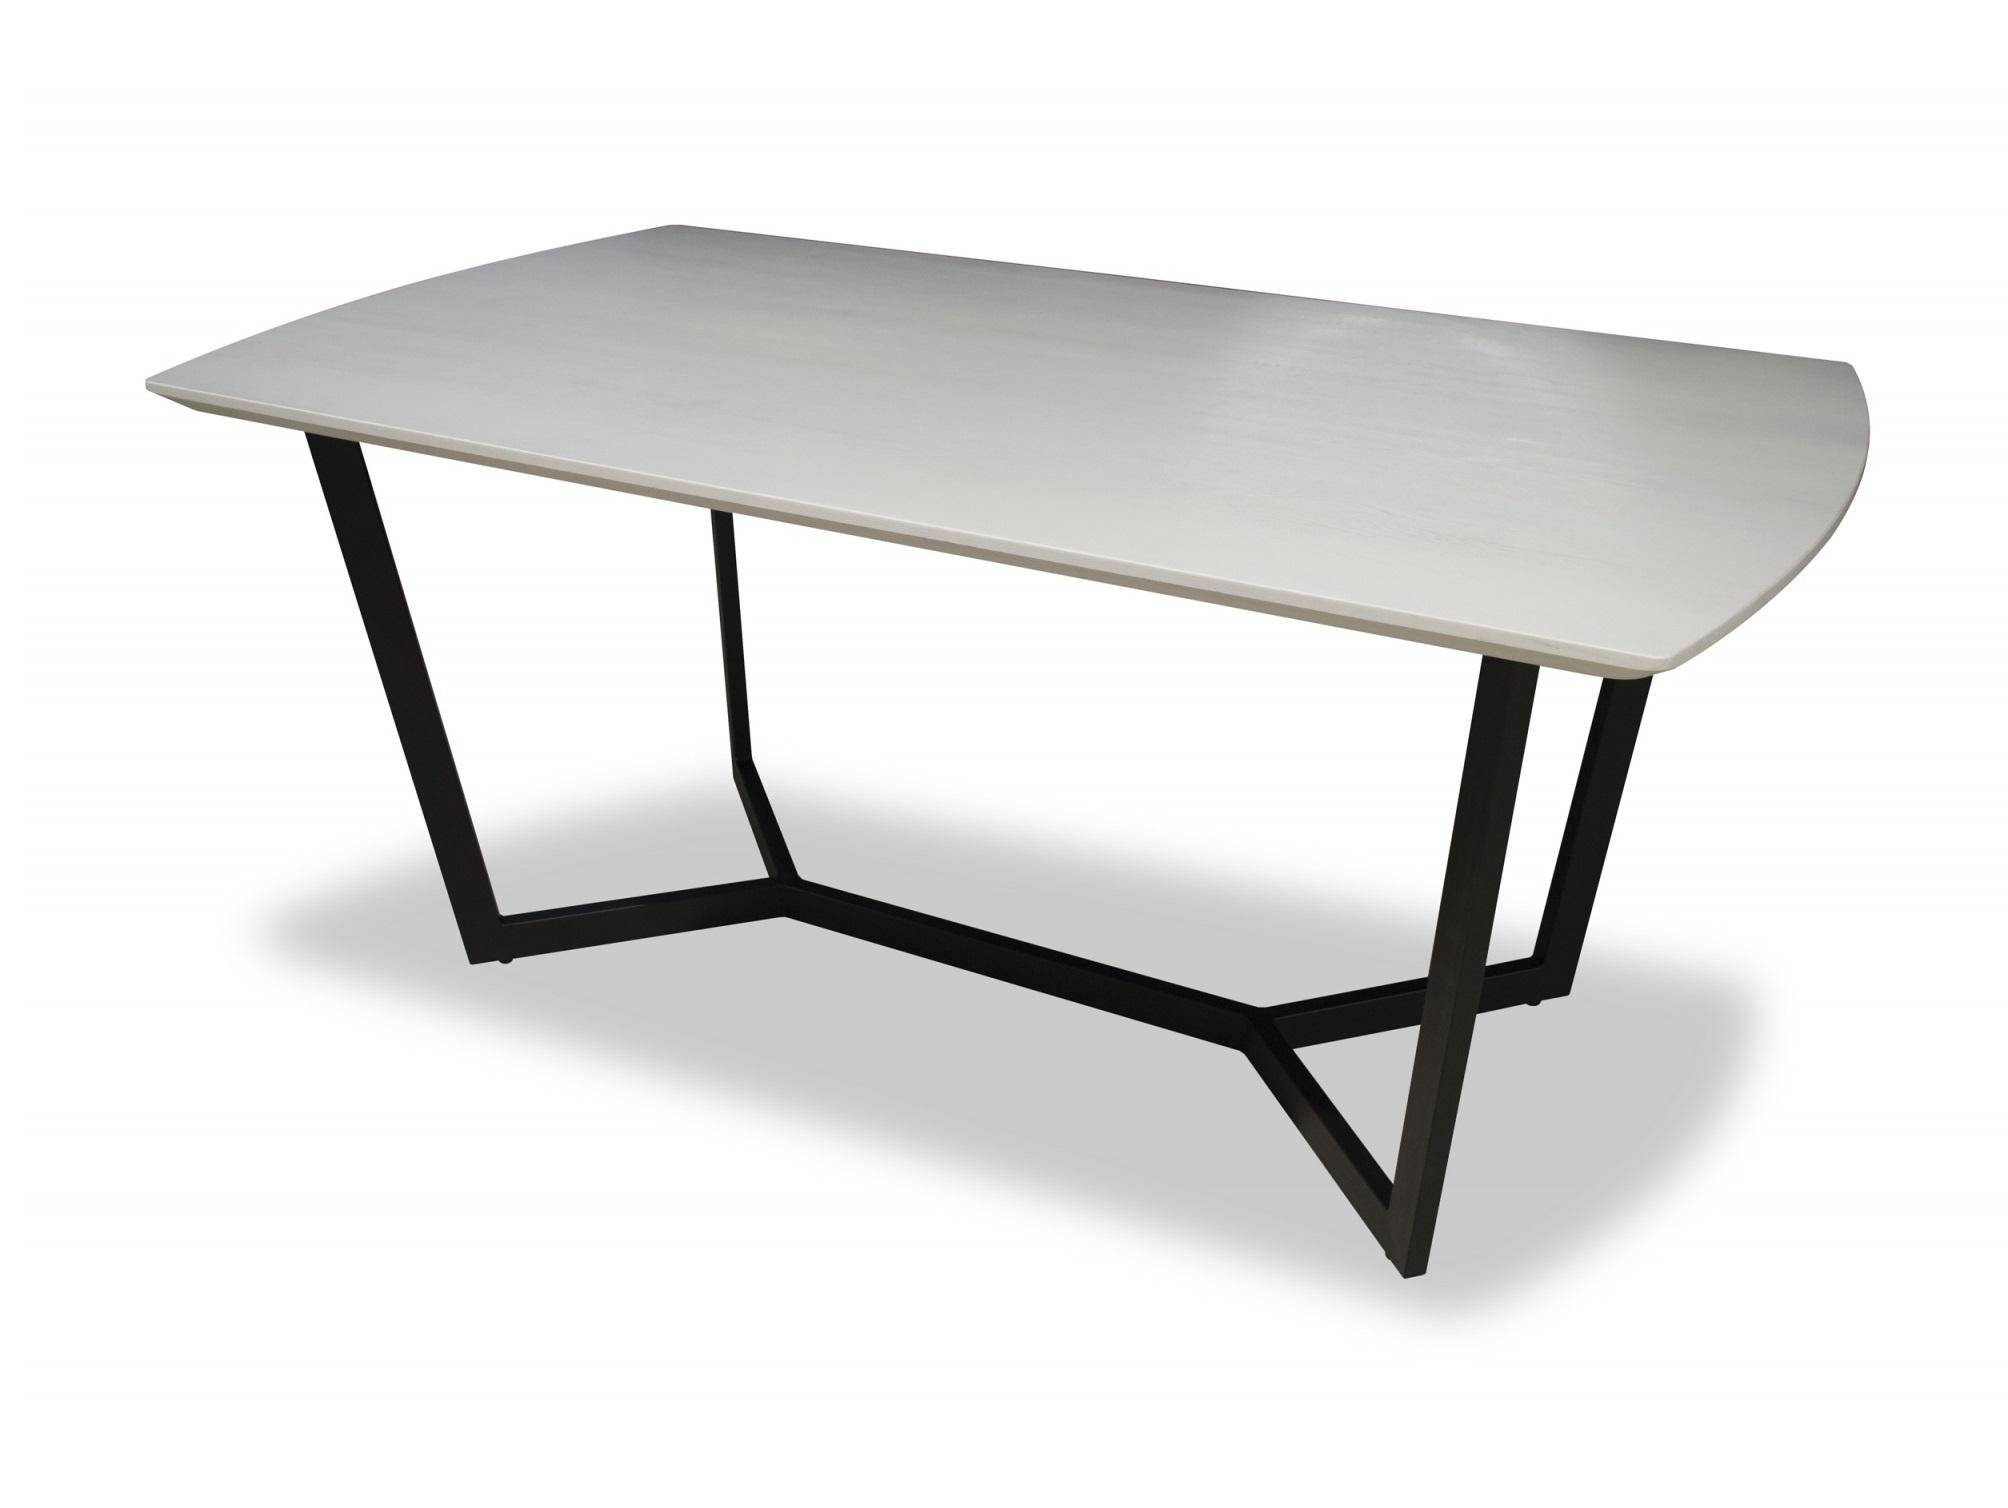 Стол ЛофтОбеденные столы<br>Изготовлен стол из массива дуба с металлическим каркасом.&amp;amp;nbsp;<br><br>Material: Дуб<br>Ширина см: 120<br>Высота см: 75<br>Глубина см: 70